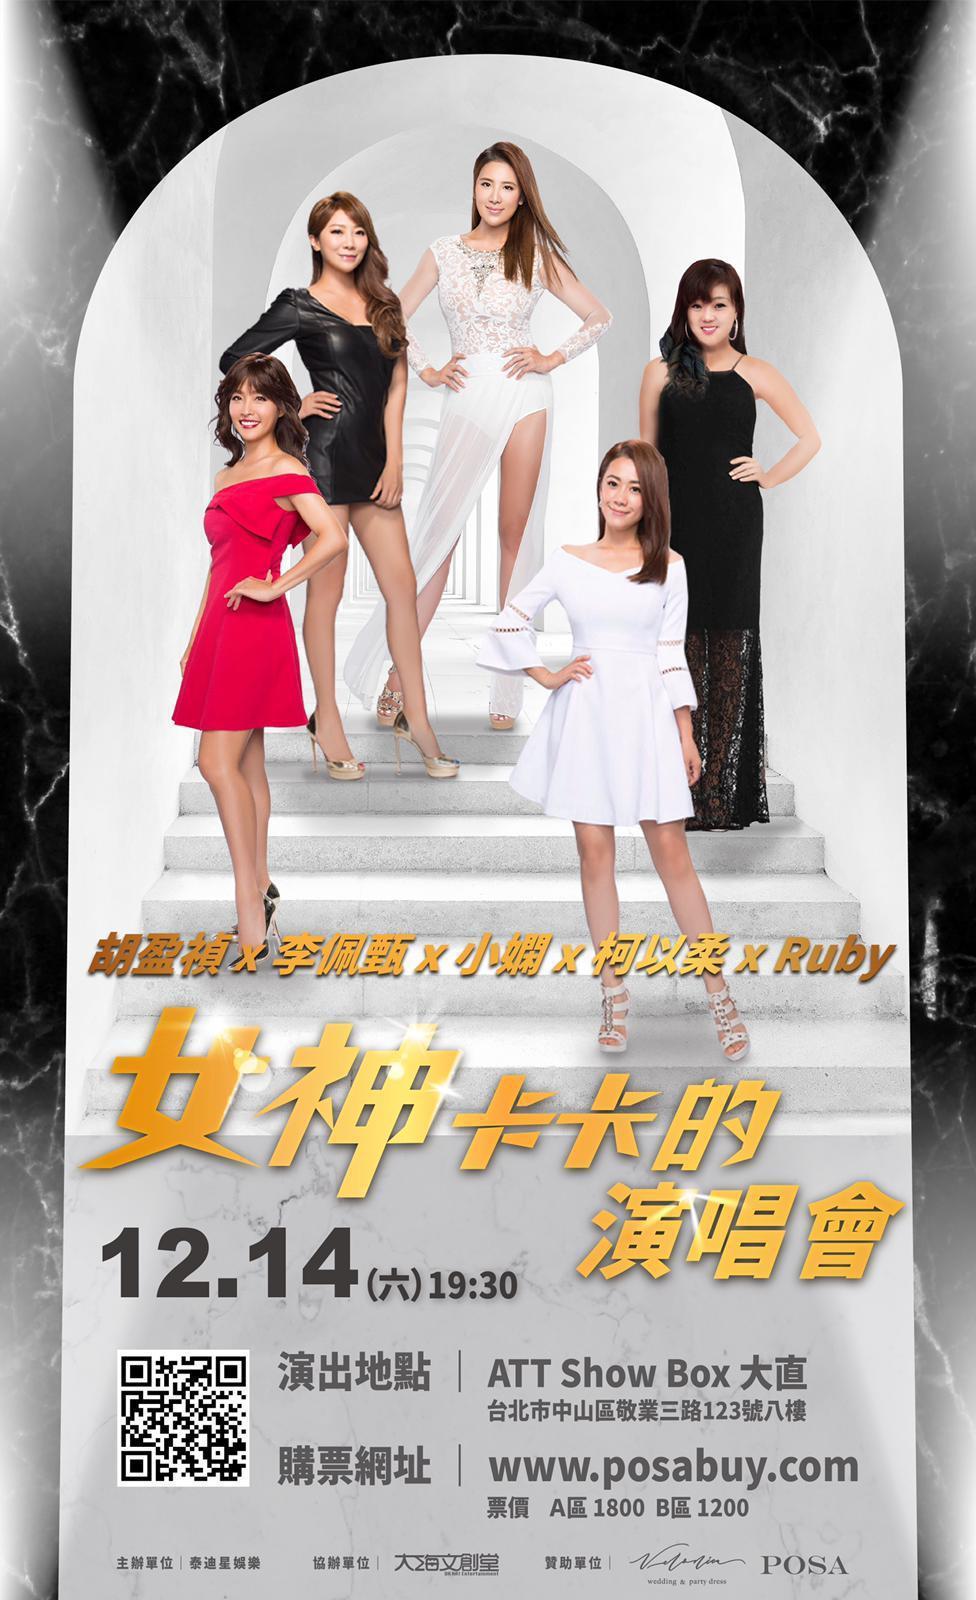 小禎和小嫻等師姐妹將舉辦演唱會。圖/泰迪星娛樂提供